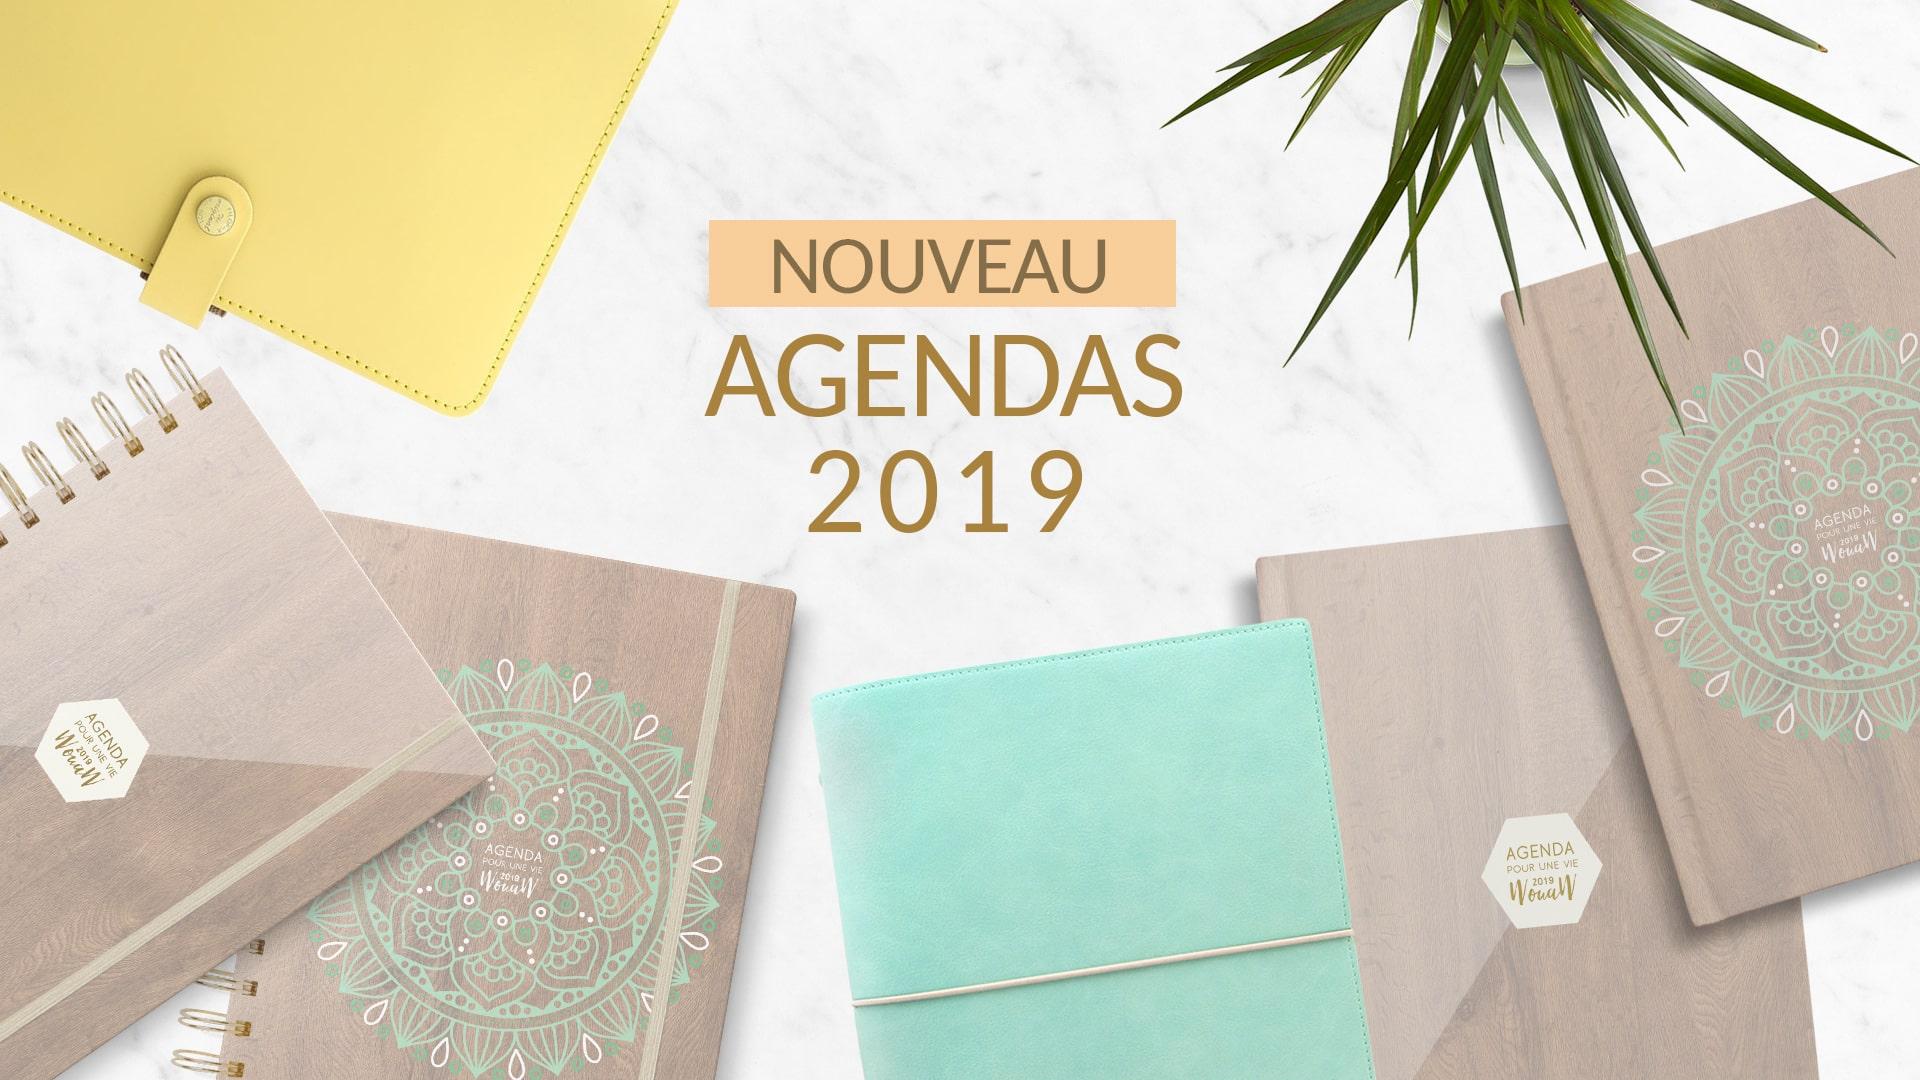 pre-commande-agenda-2019-2